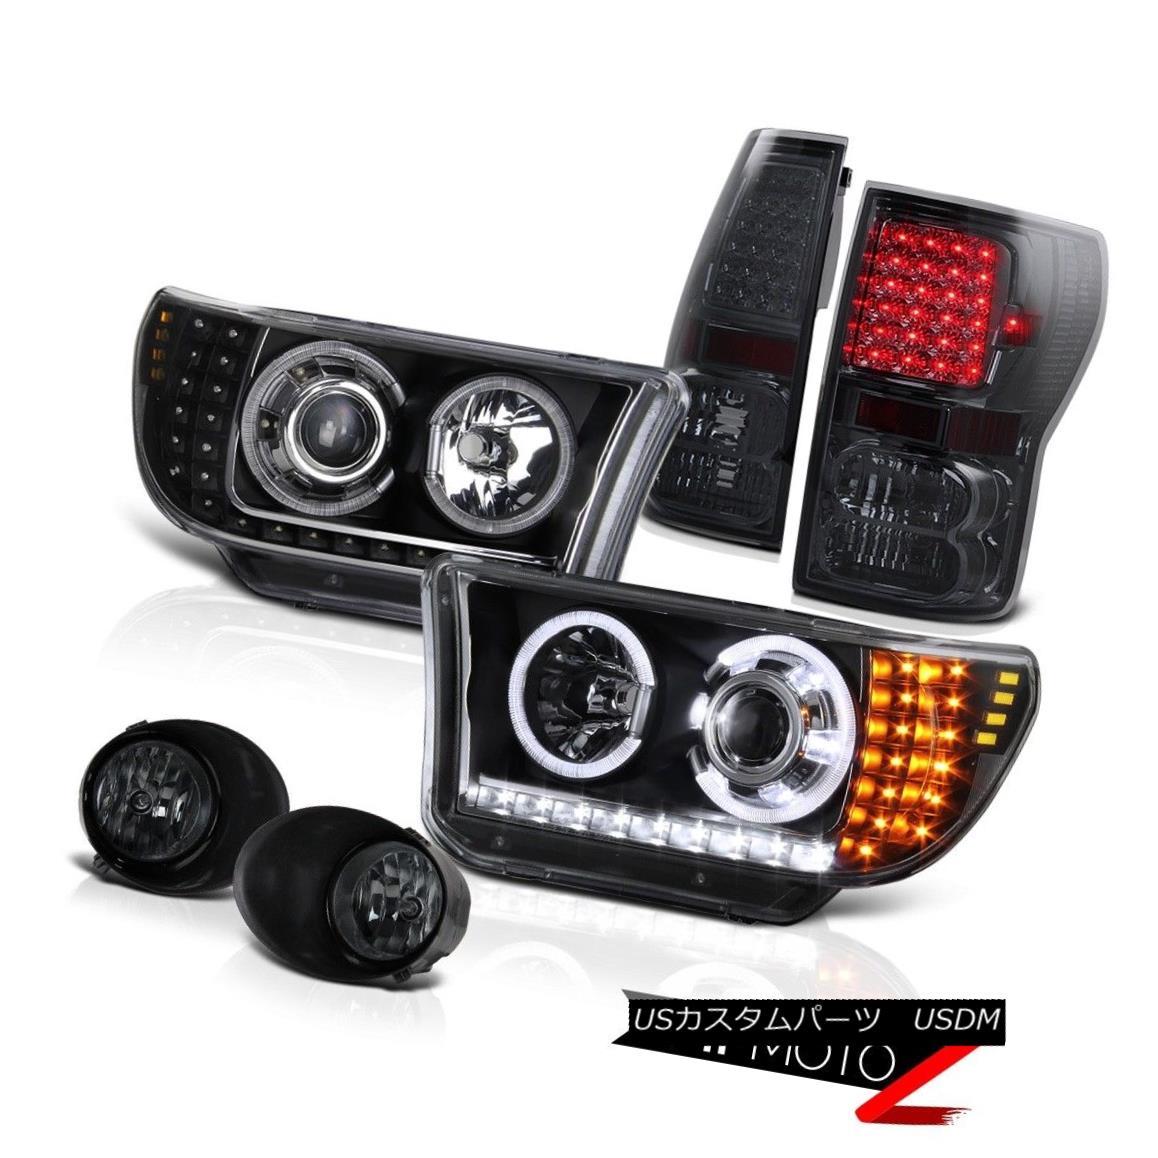 ヘッドライト 07-13 Tundra Black Halo Angel Eye Projector Led Headlamp+Led Tail Light+Fog Lamp 07-13トンドラブラックハローエンジェルアイプロジェクターLedヘッドランプ+ Ledテールライト+フォグランプ